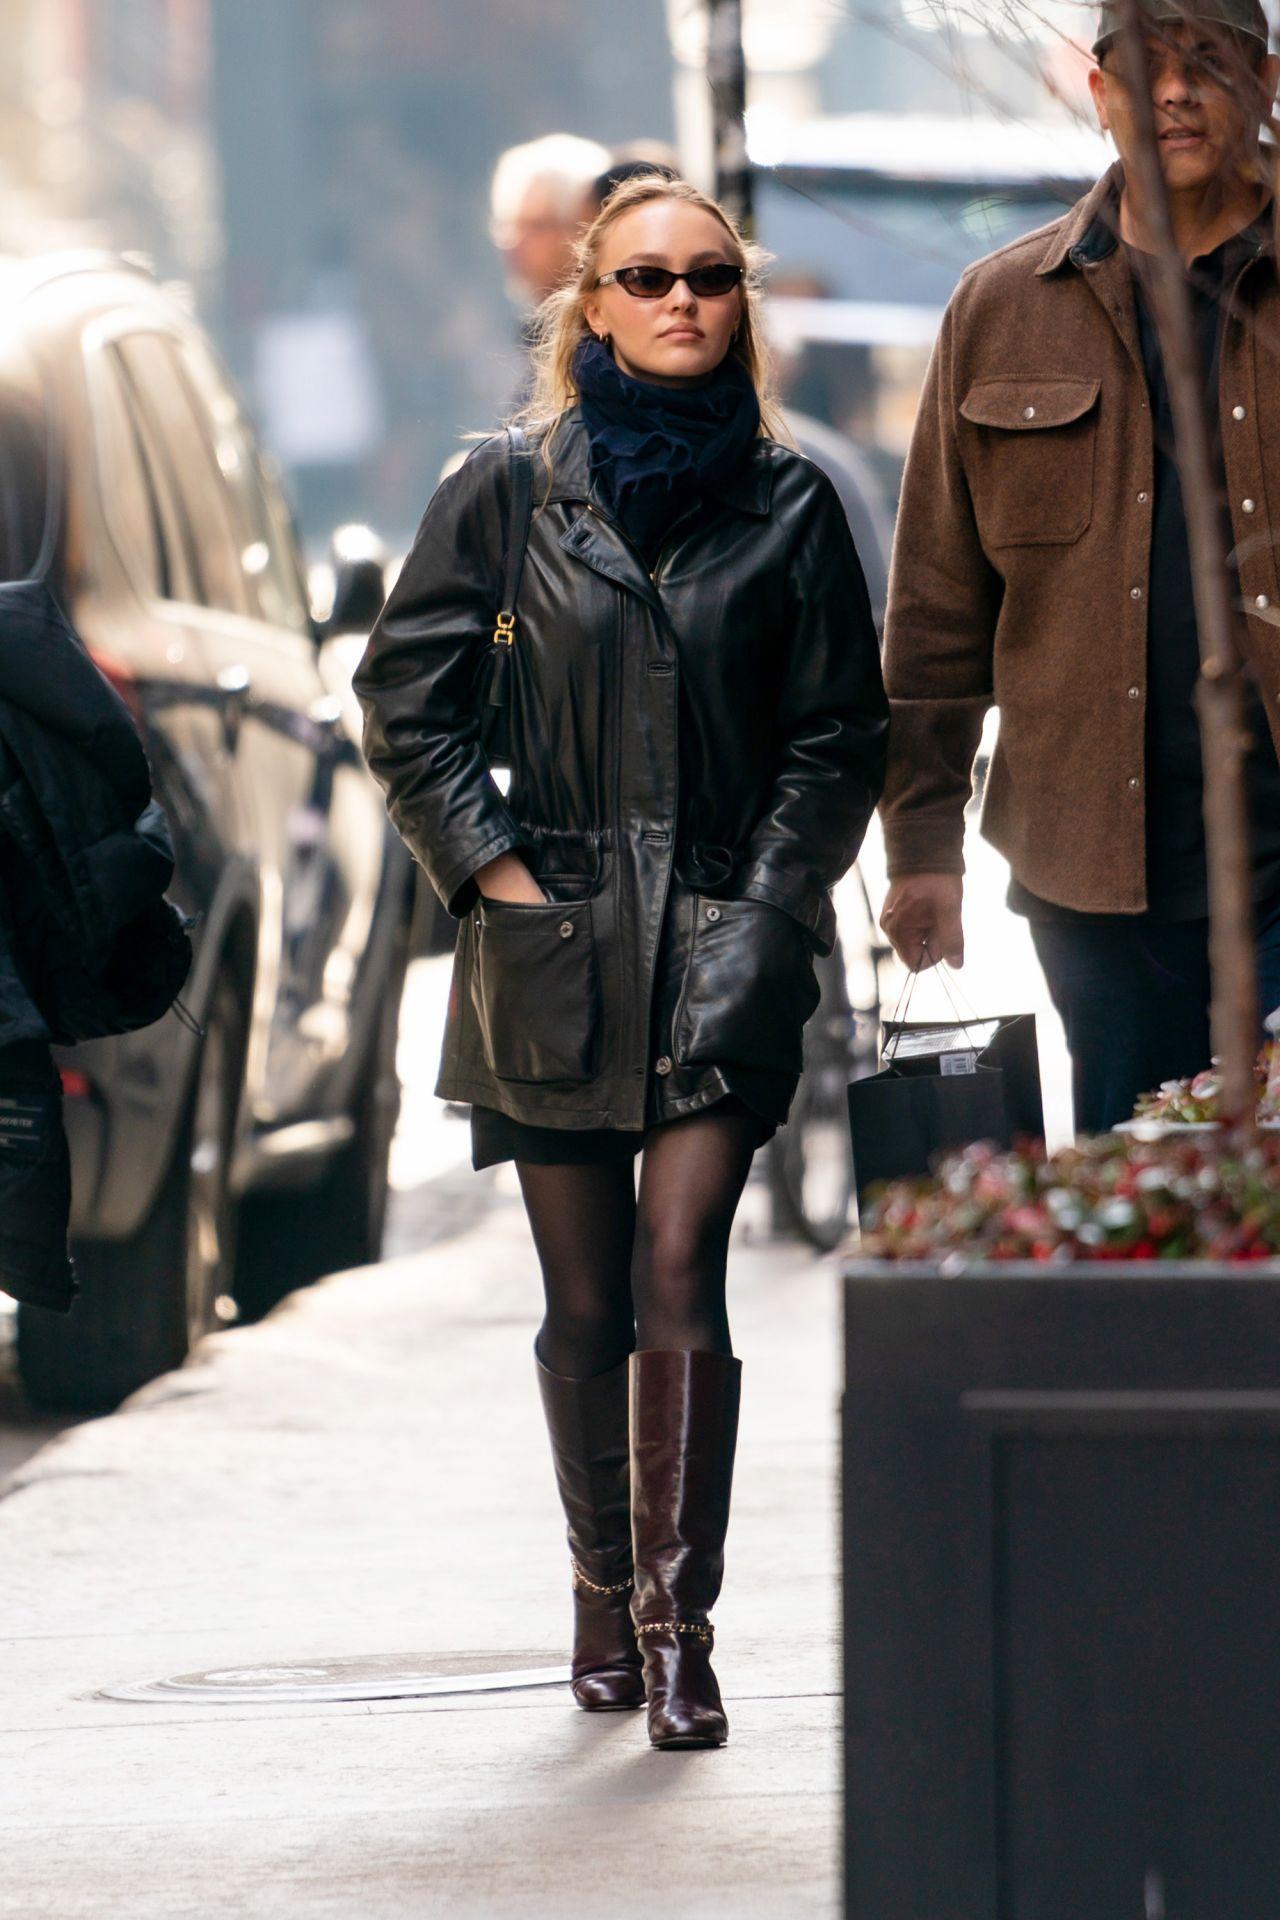 莉莉·罗斯·德普(Lily-Rose Depp)-纽约奈斯派索(Nespresso)购物01